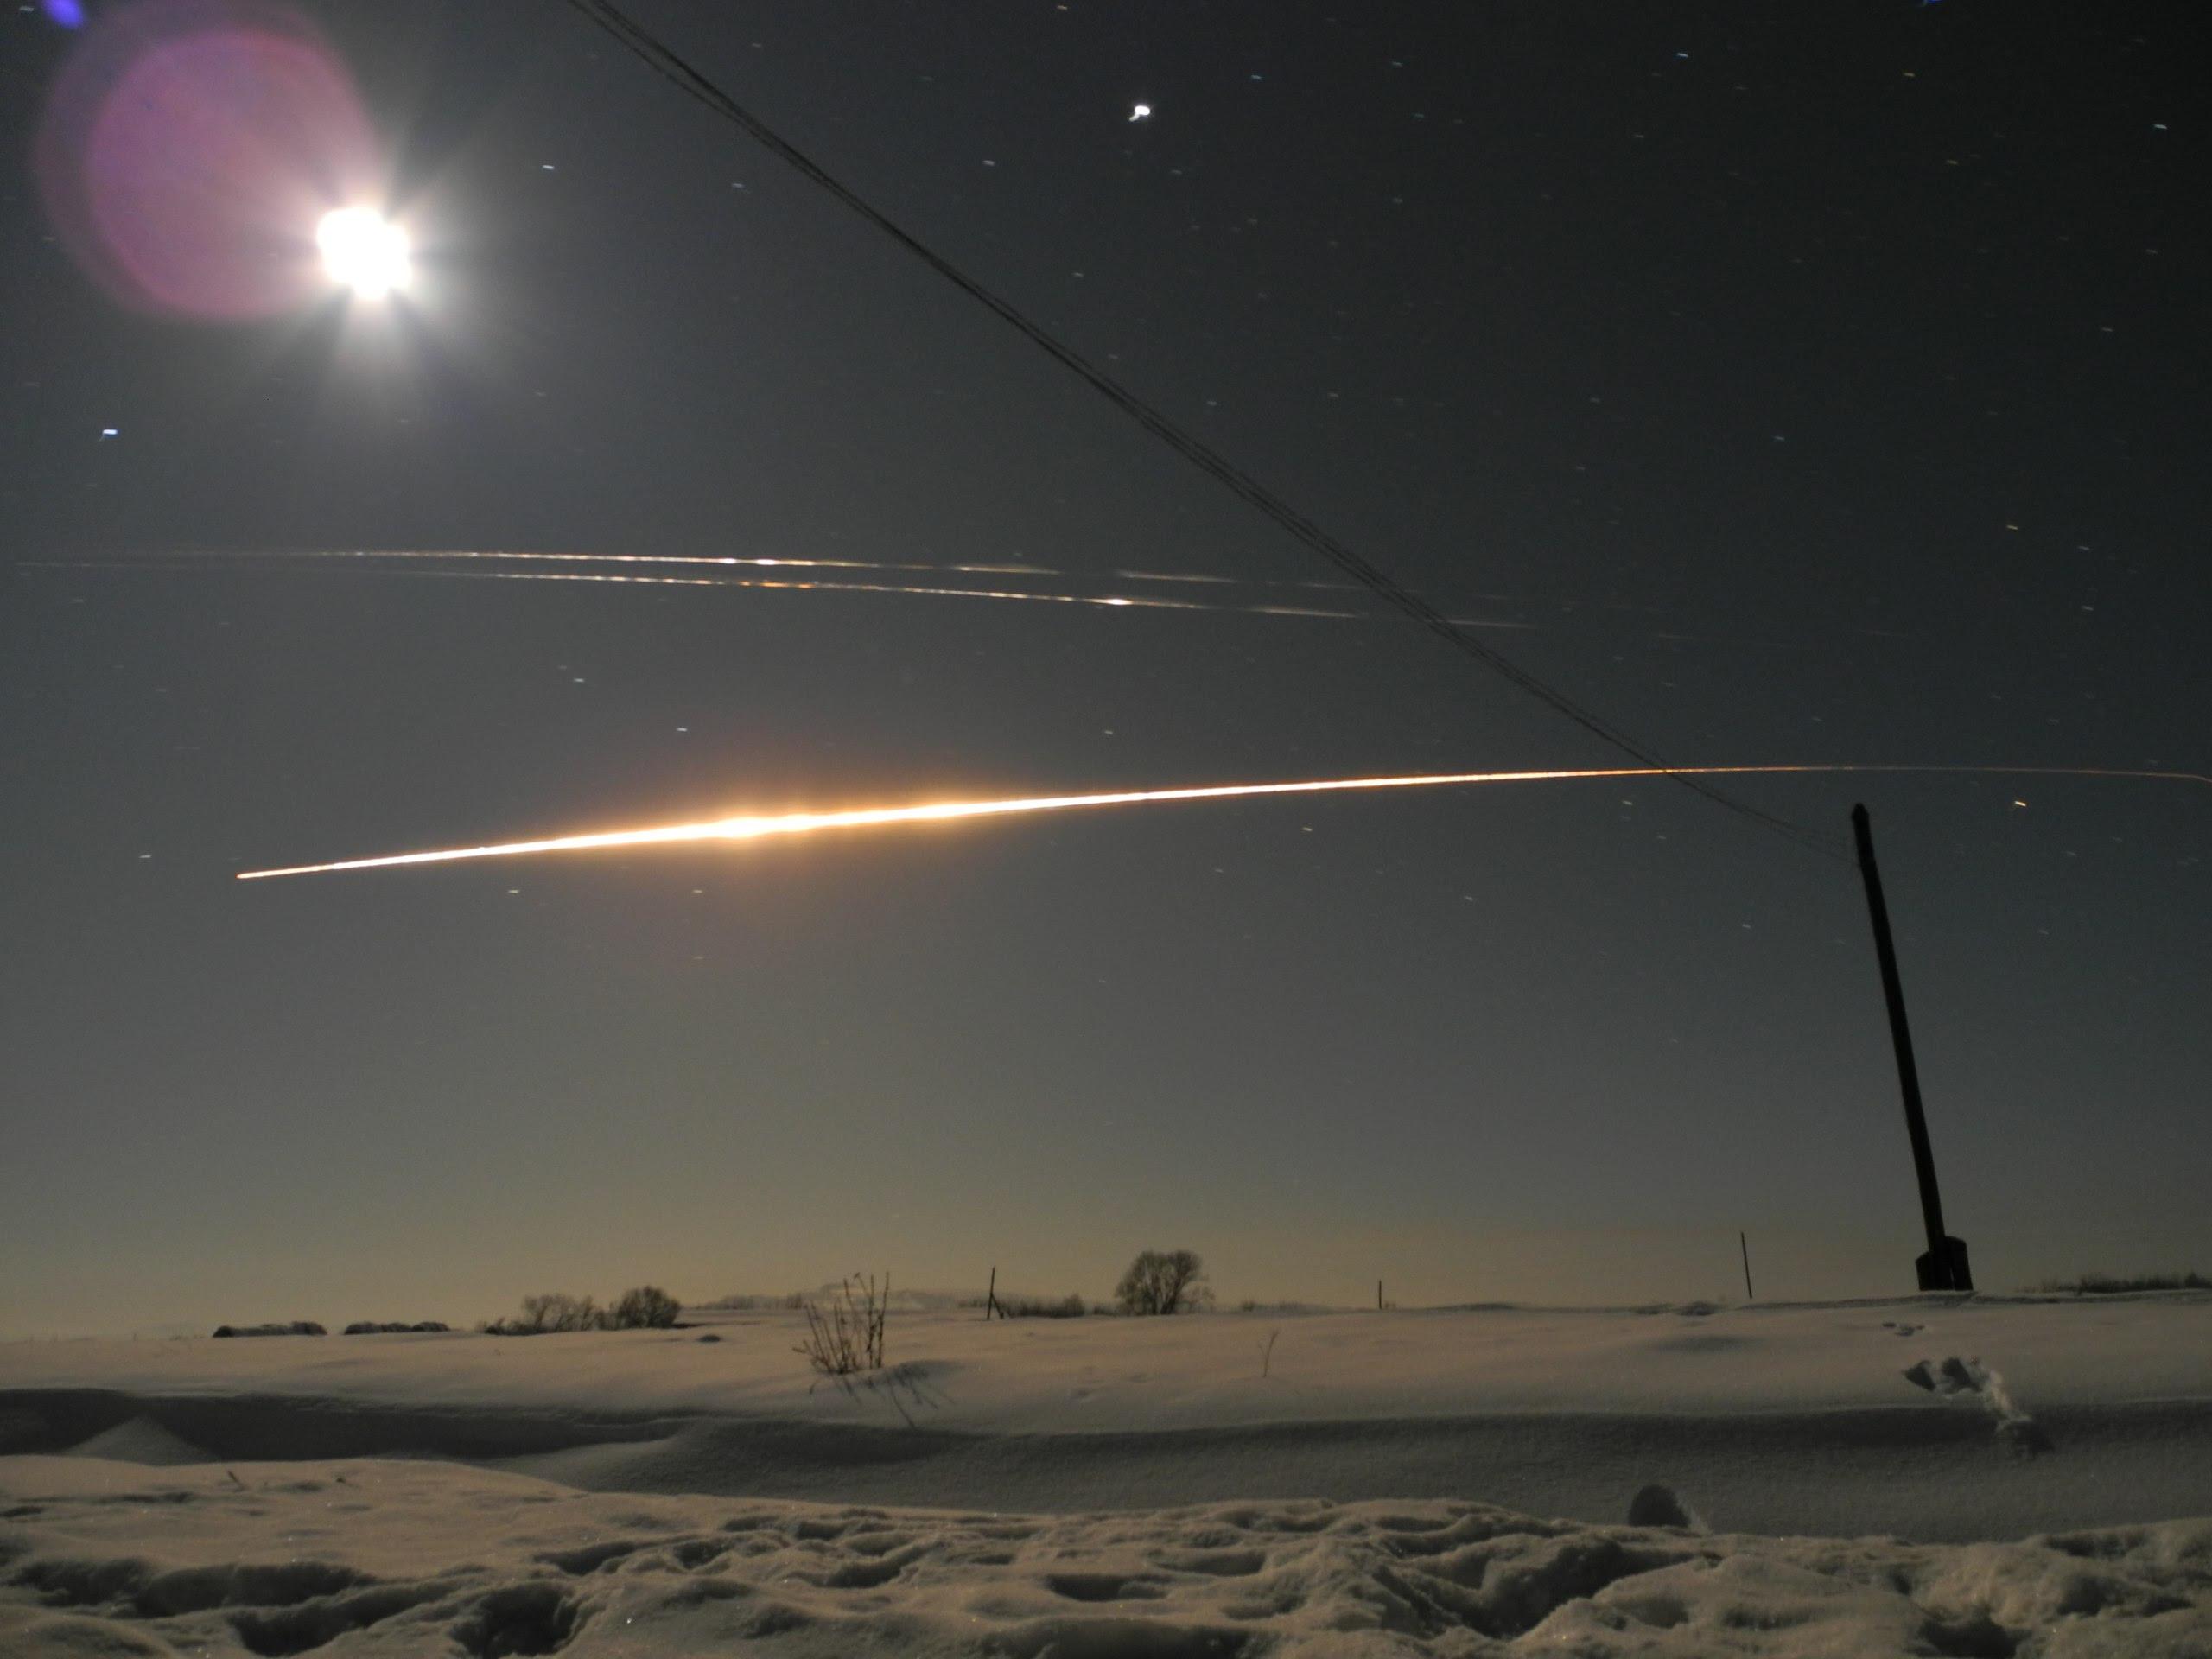 """Quelle est cette étoile jaune mystérieuse dans le ciel de la Russie, mystérieux mouvement russie étoiles, Падение 2-й ступени РН """"Протон-М"""" 30/01/2016, mystérieuse lumière ciel russe le 30 janvier 2016, la combustion de la fusée de deuxième étape """"Proton M """""""